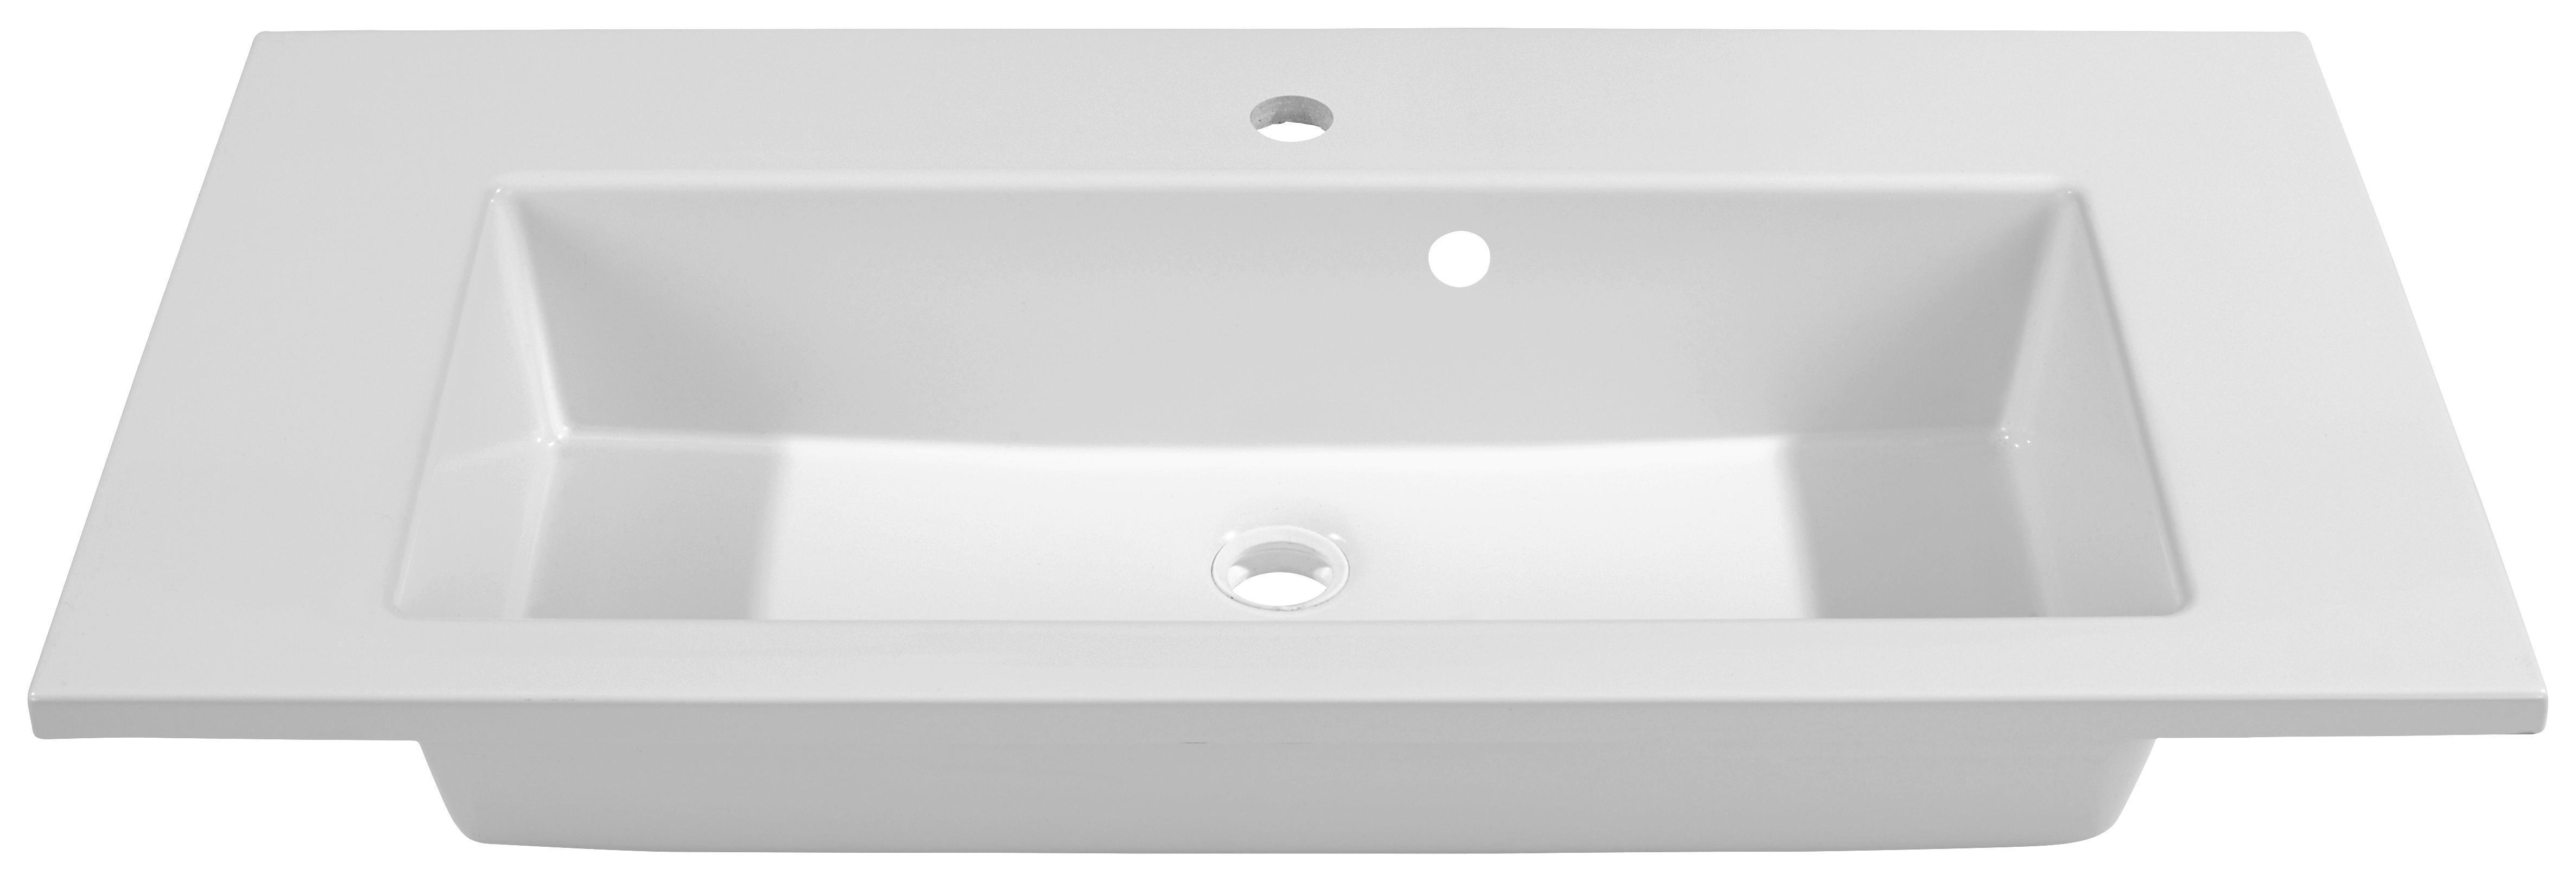 Waschbecken Denia Online Kaufen Mobelix